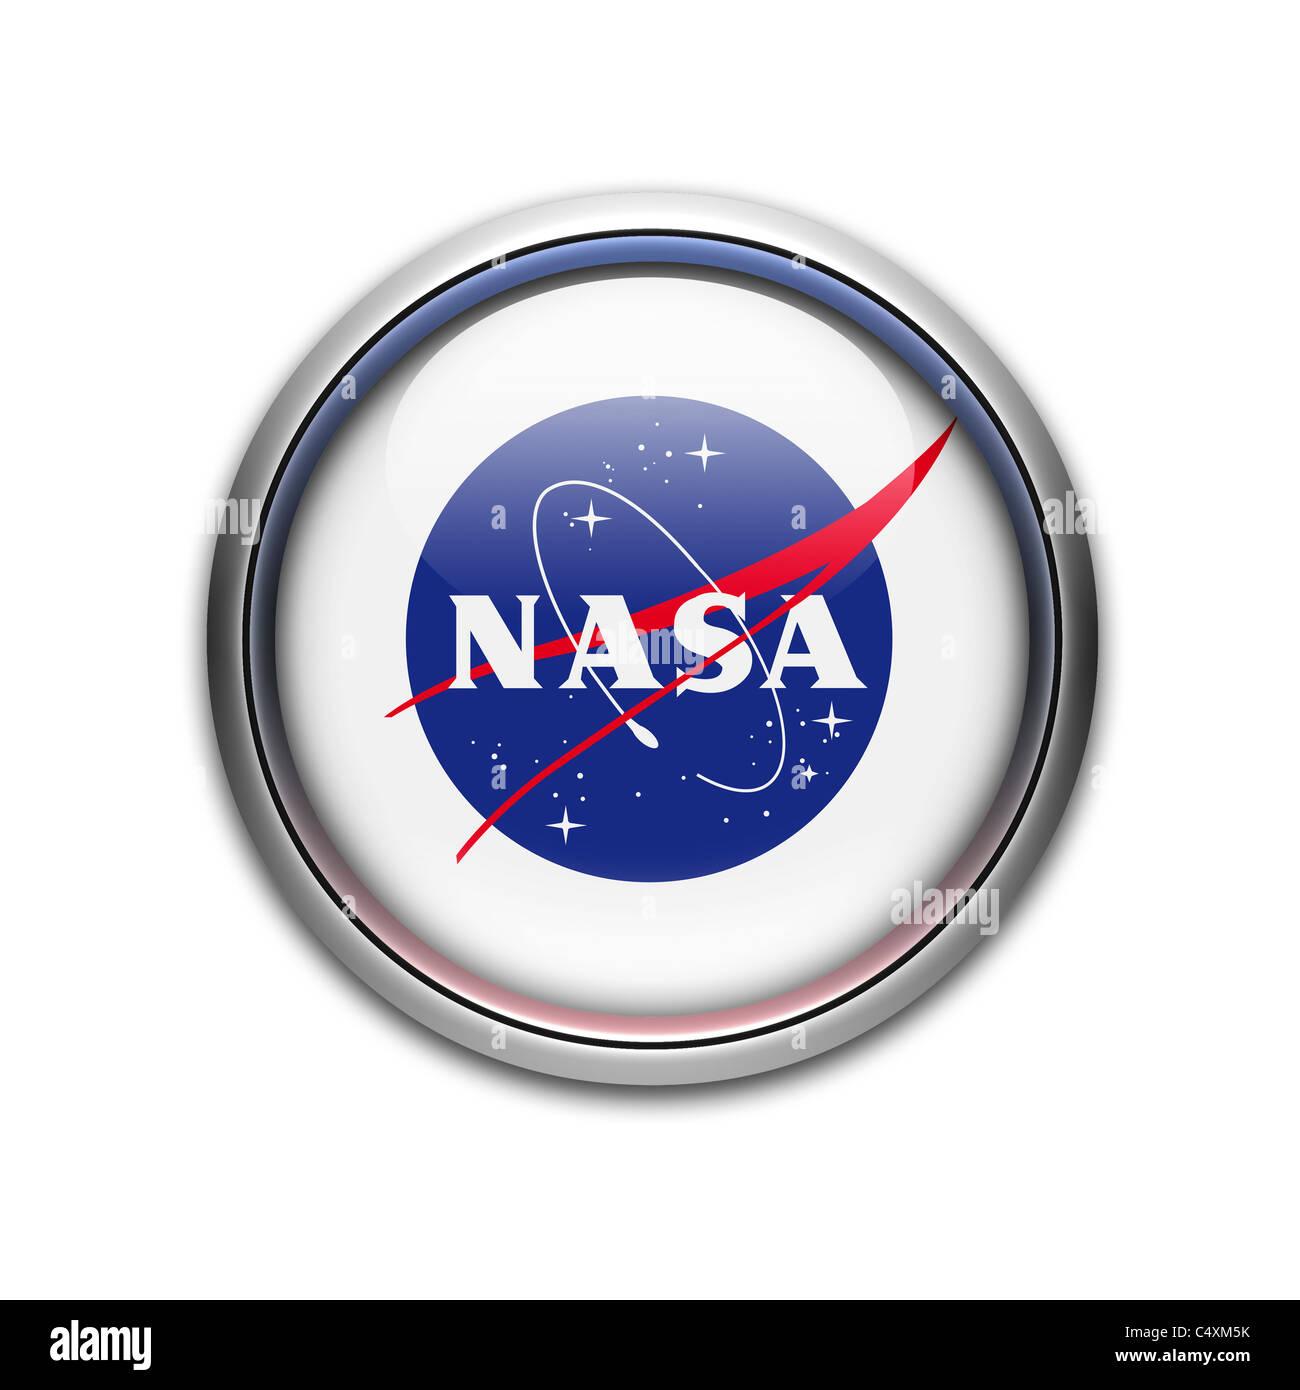 nasa logo flag